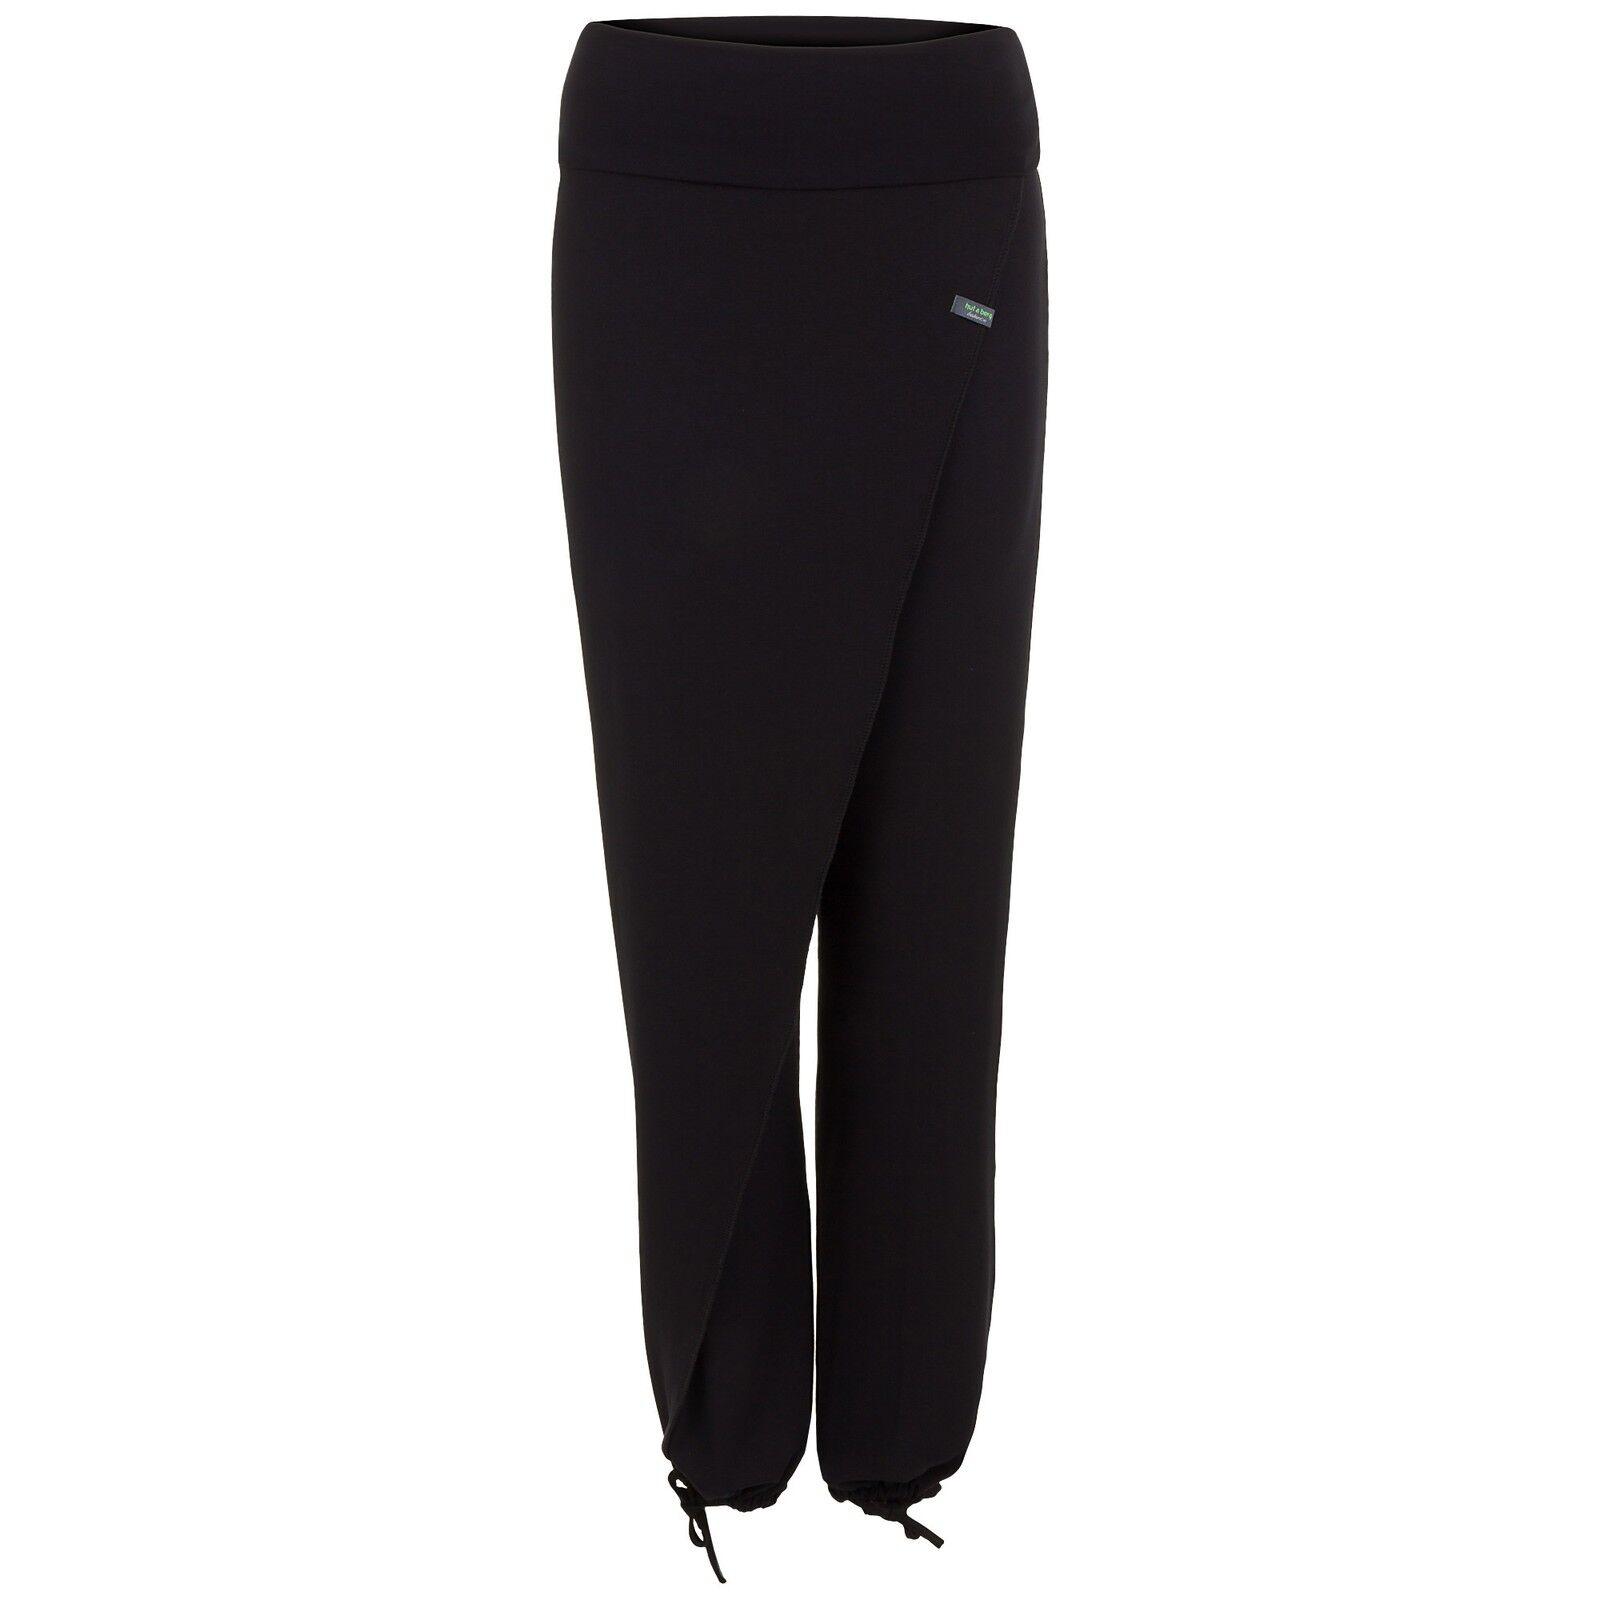 Yoga Damen-Pumphose schwarz, THAI CROSS OVER OVER OVER von hut und berg balance    Ideales Geschenk für alle Gelegenheiten  692585